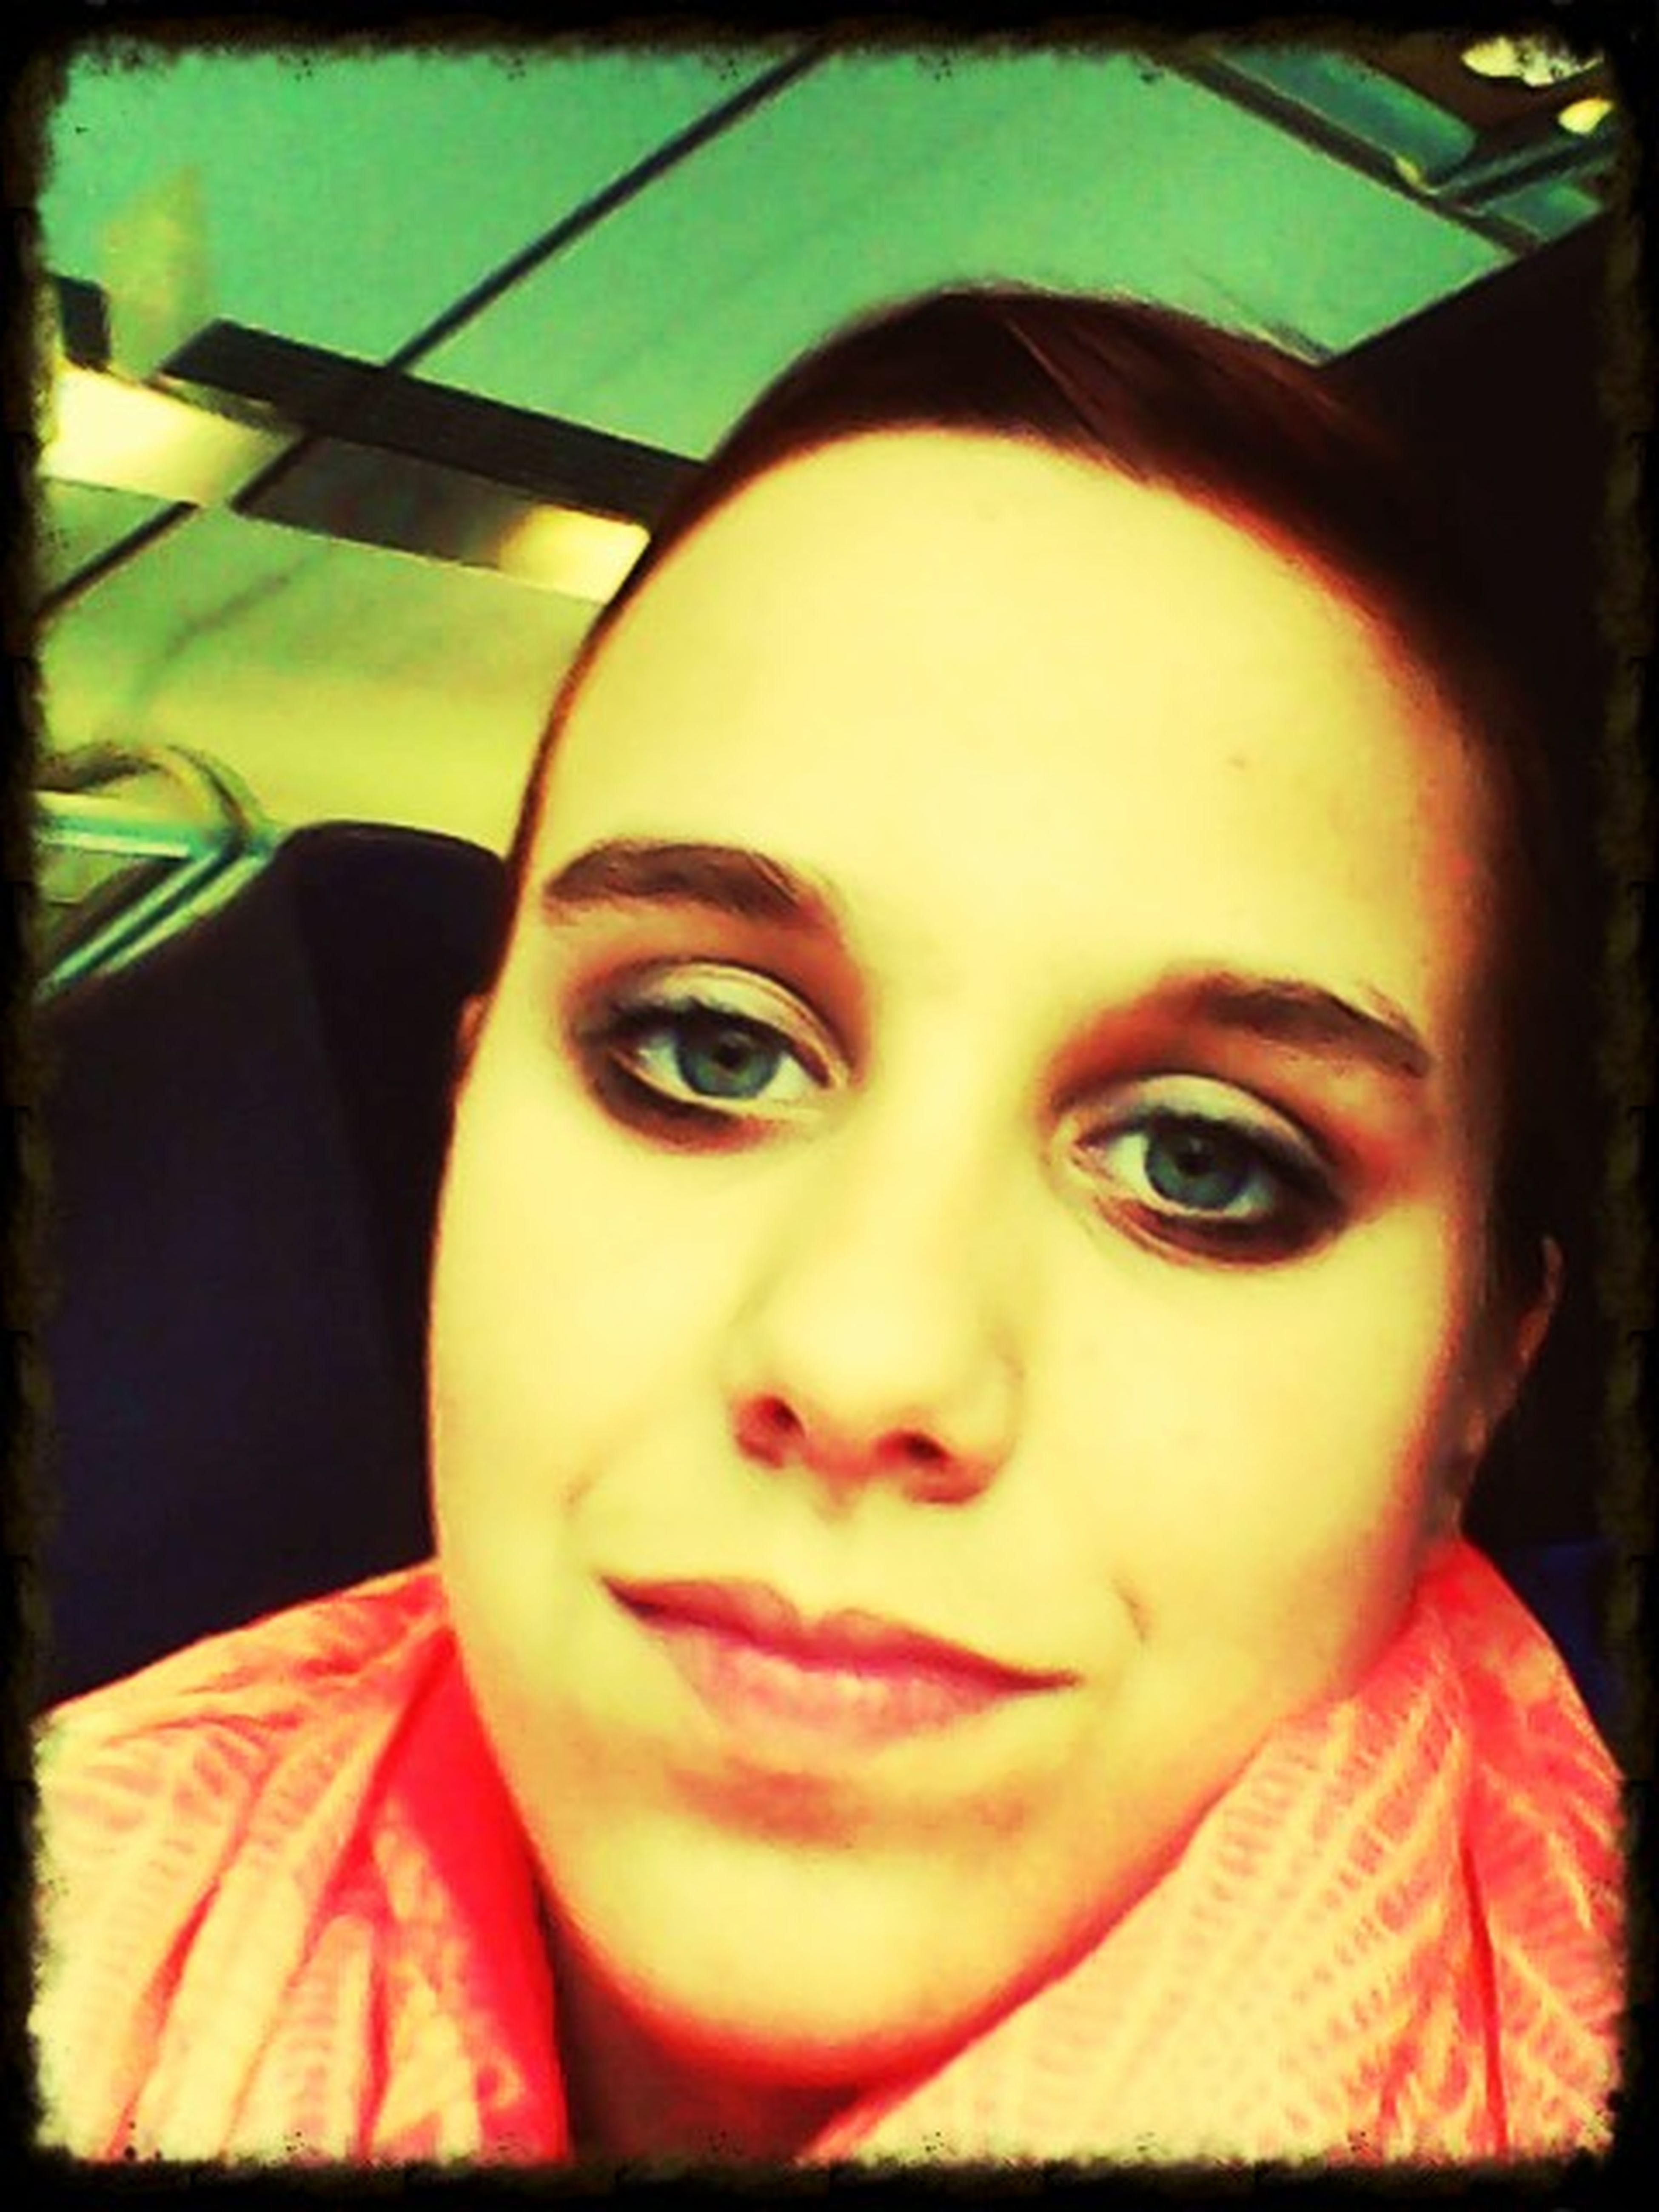 Das bin Ich ;) First Eyeem Photo